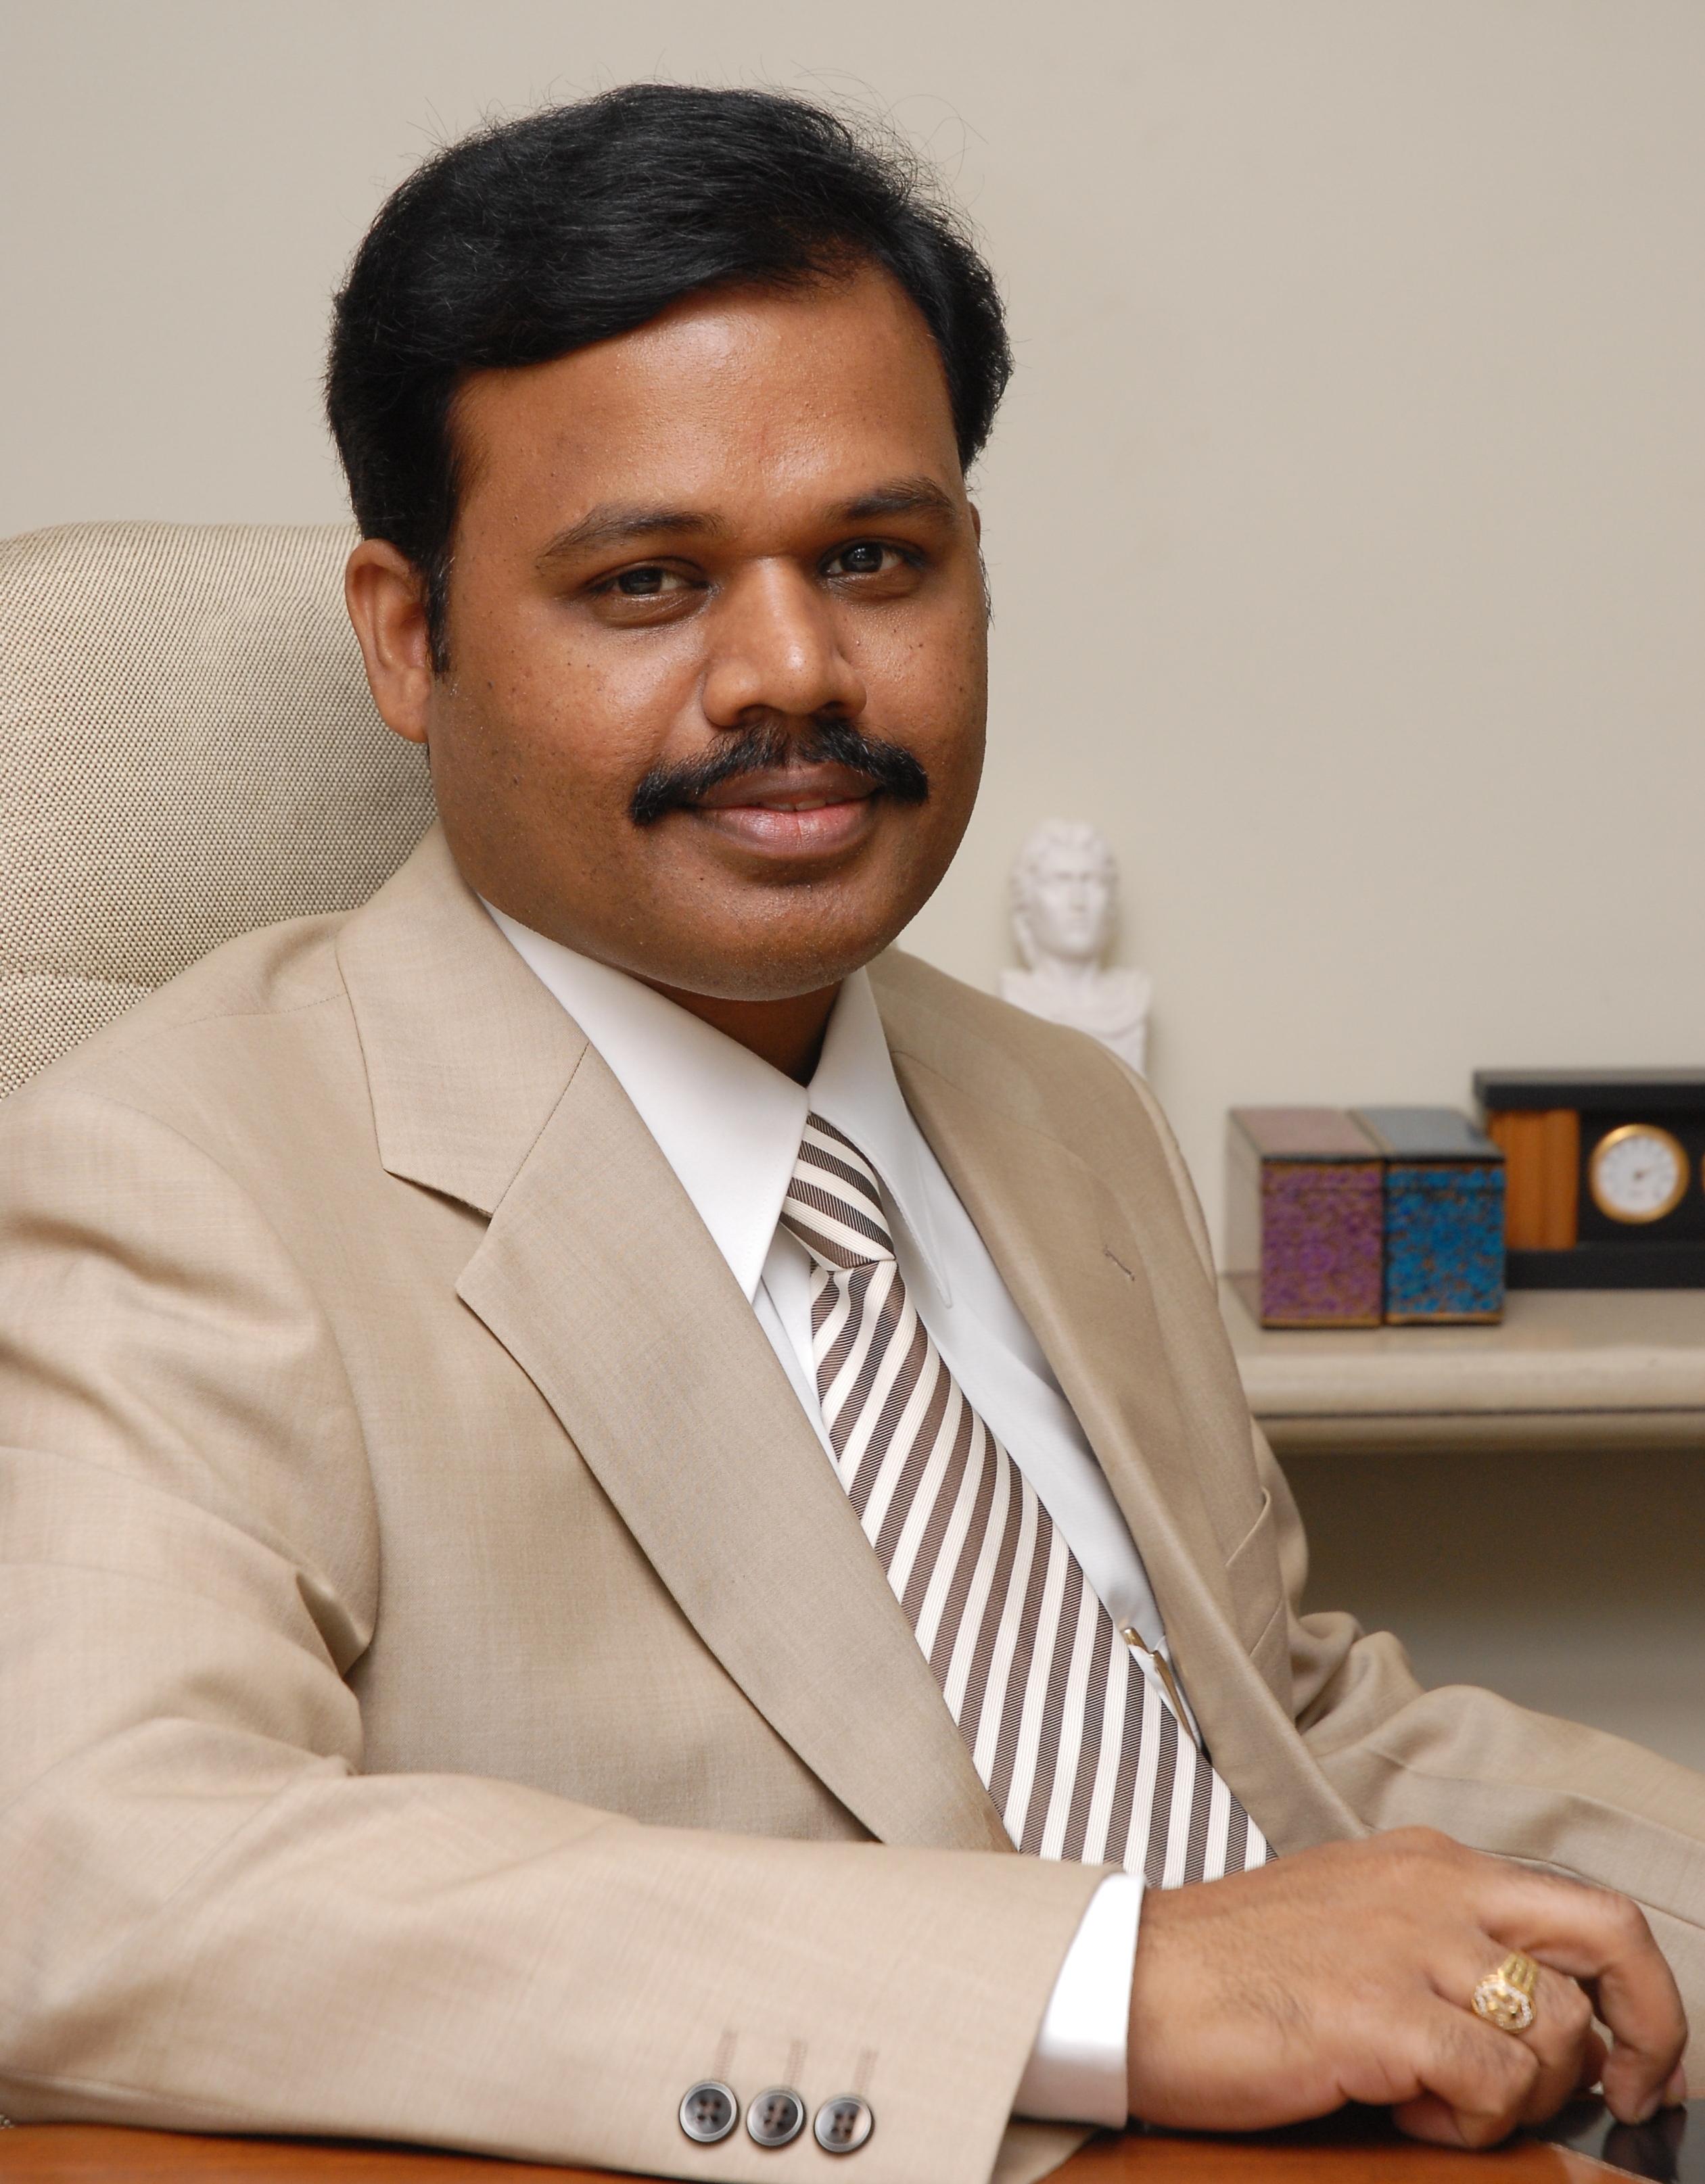 SRM Chancellor Dr. P. Sathyanarayan